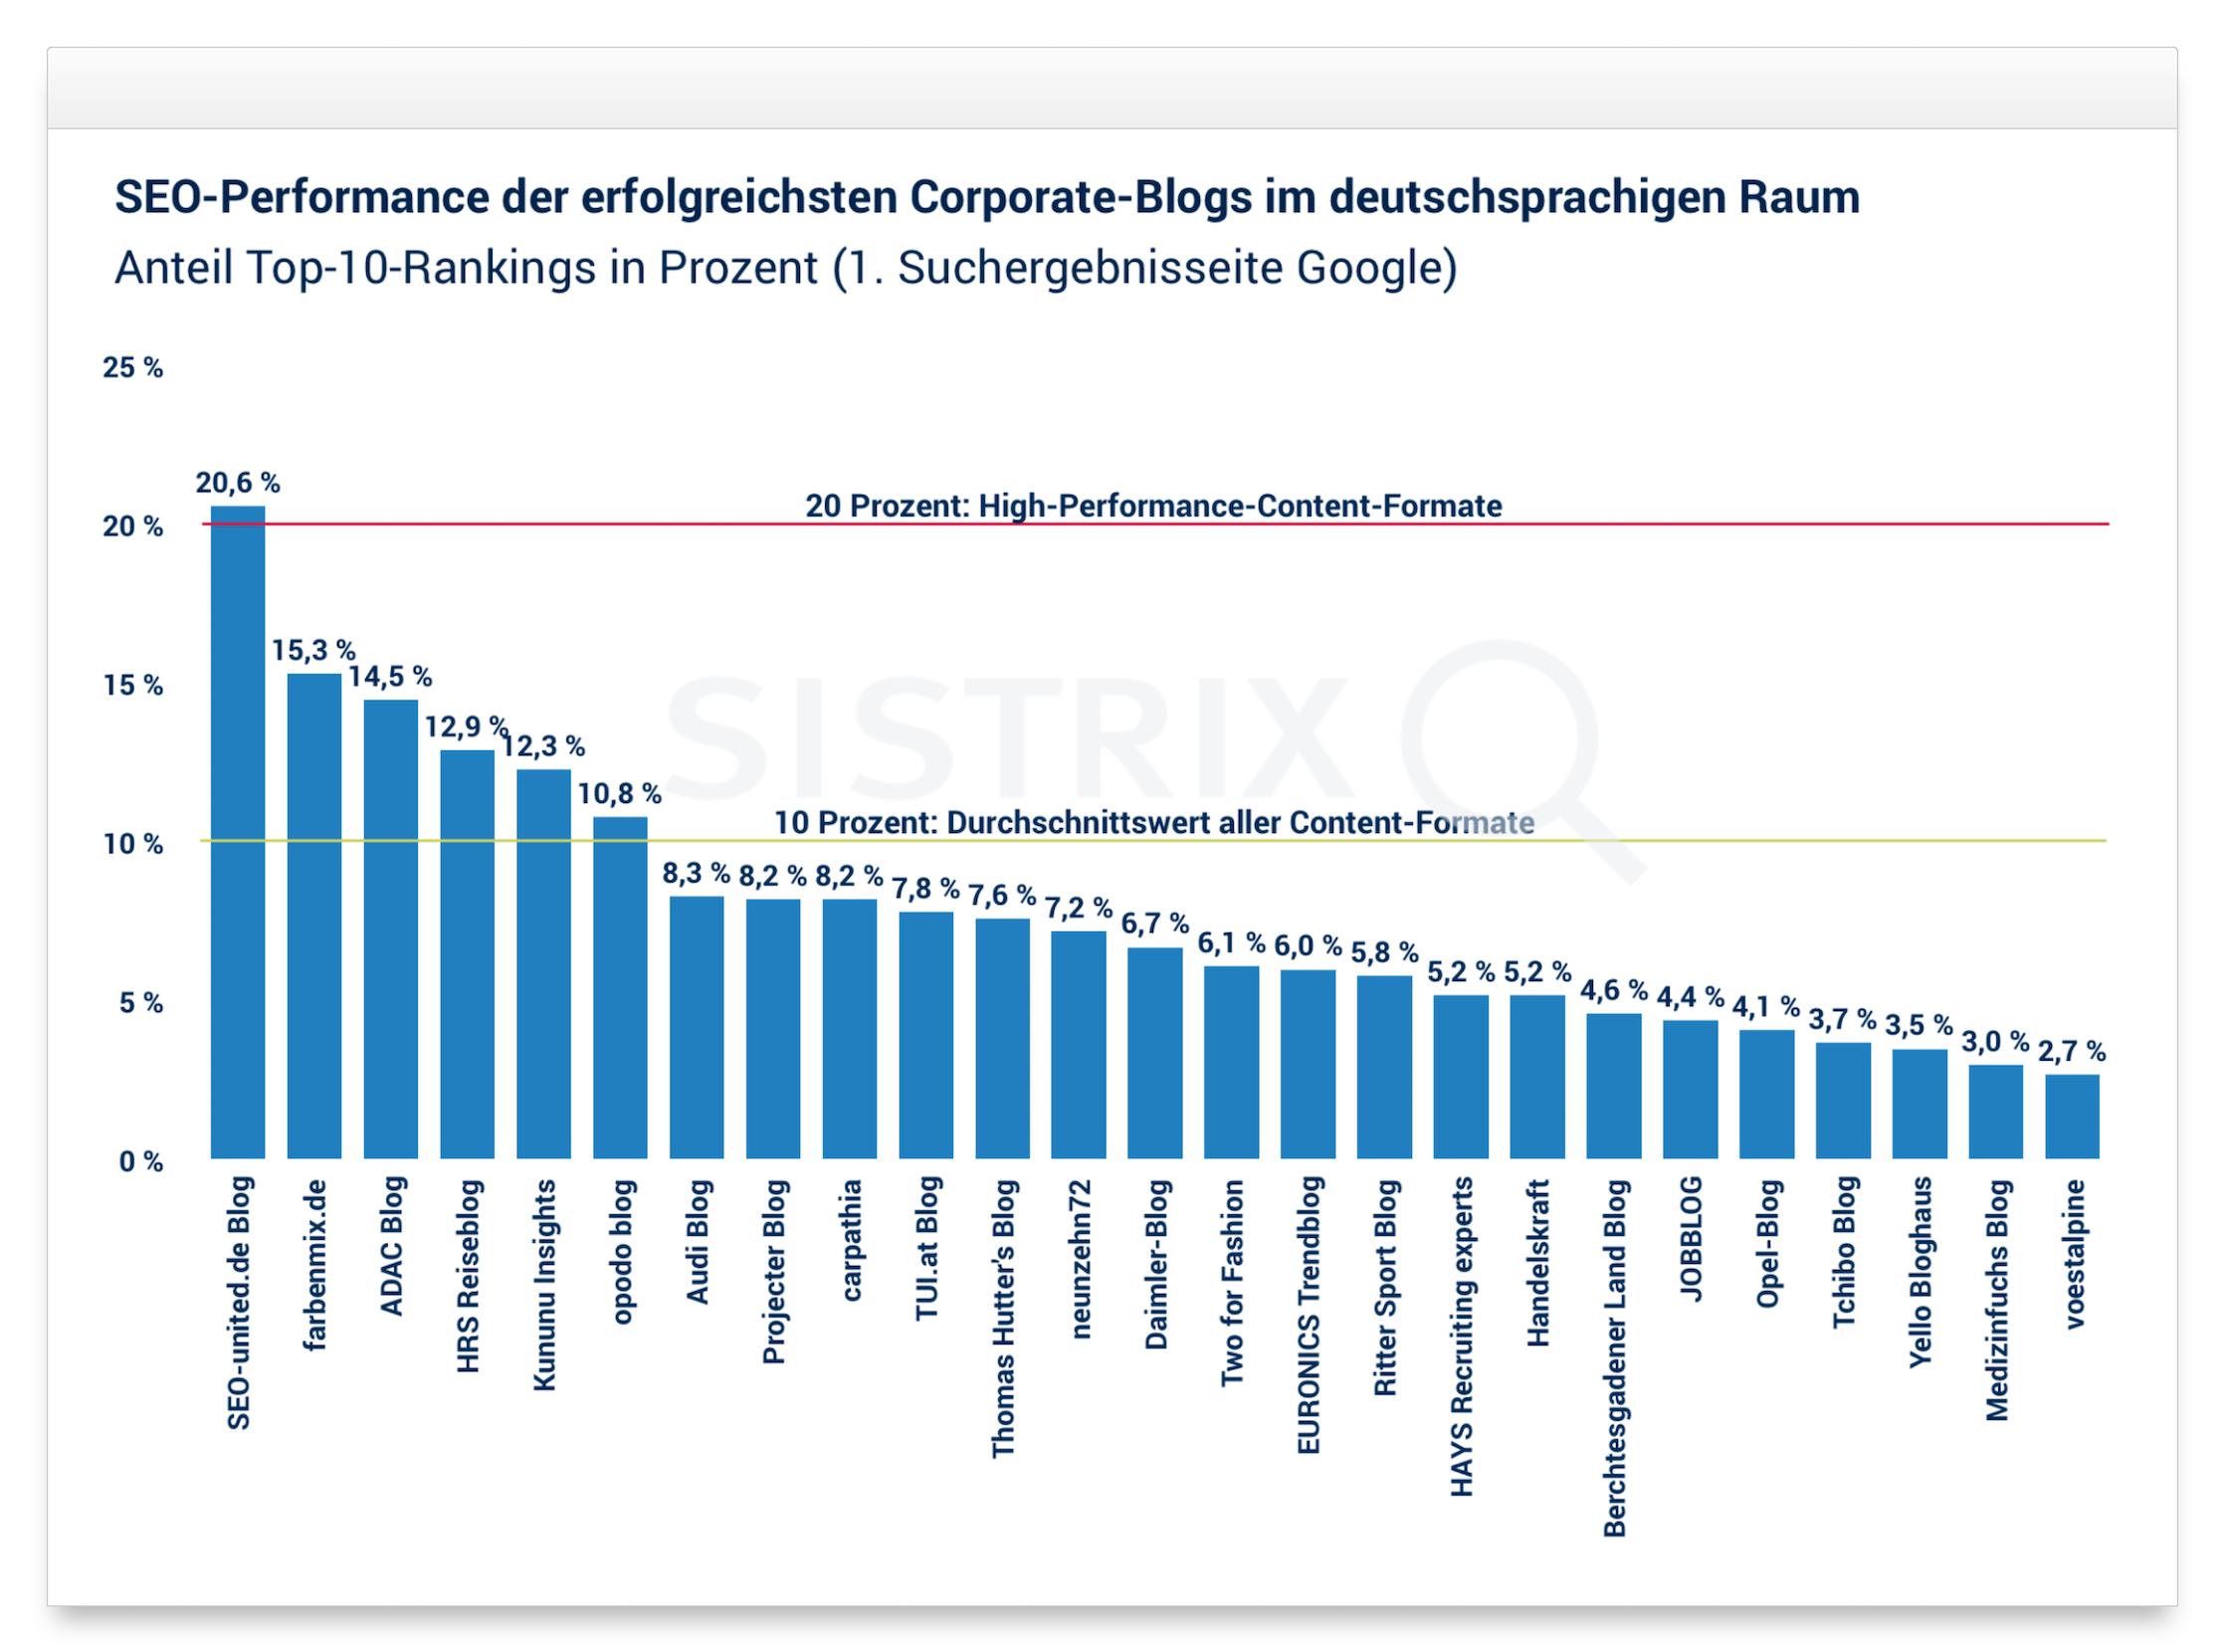 SEO-Performance der erfolgreichsten Corporate-Blogs